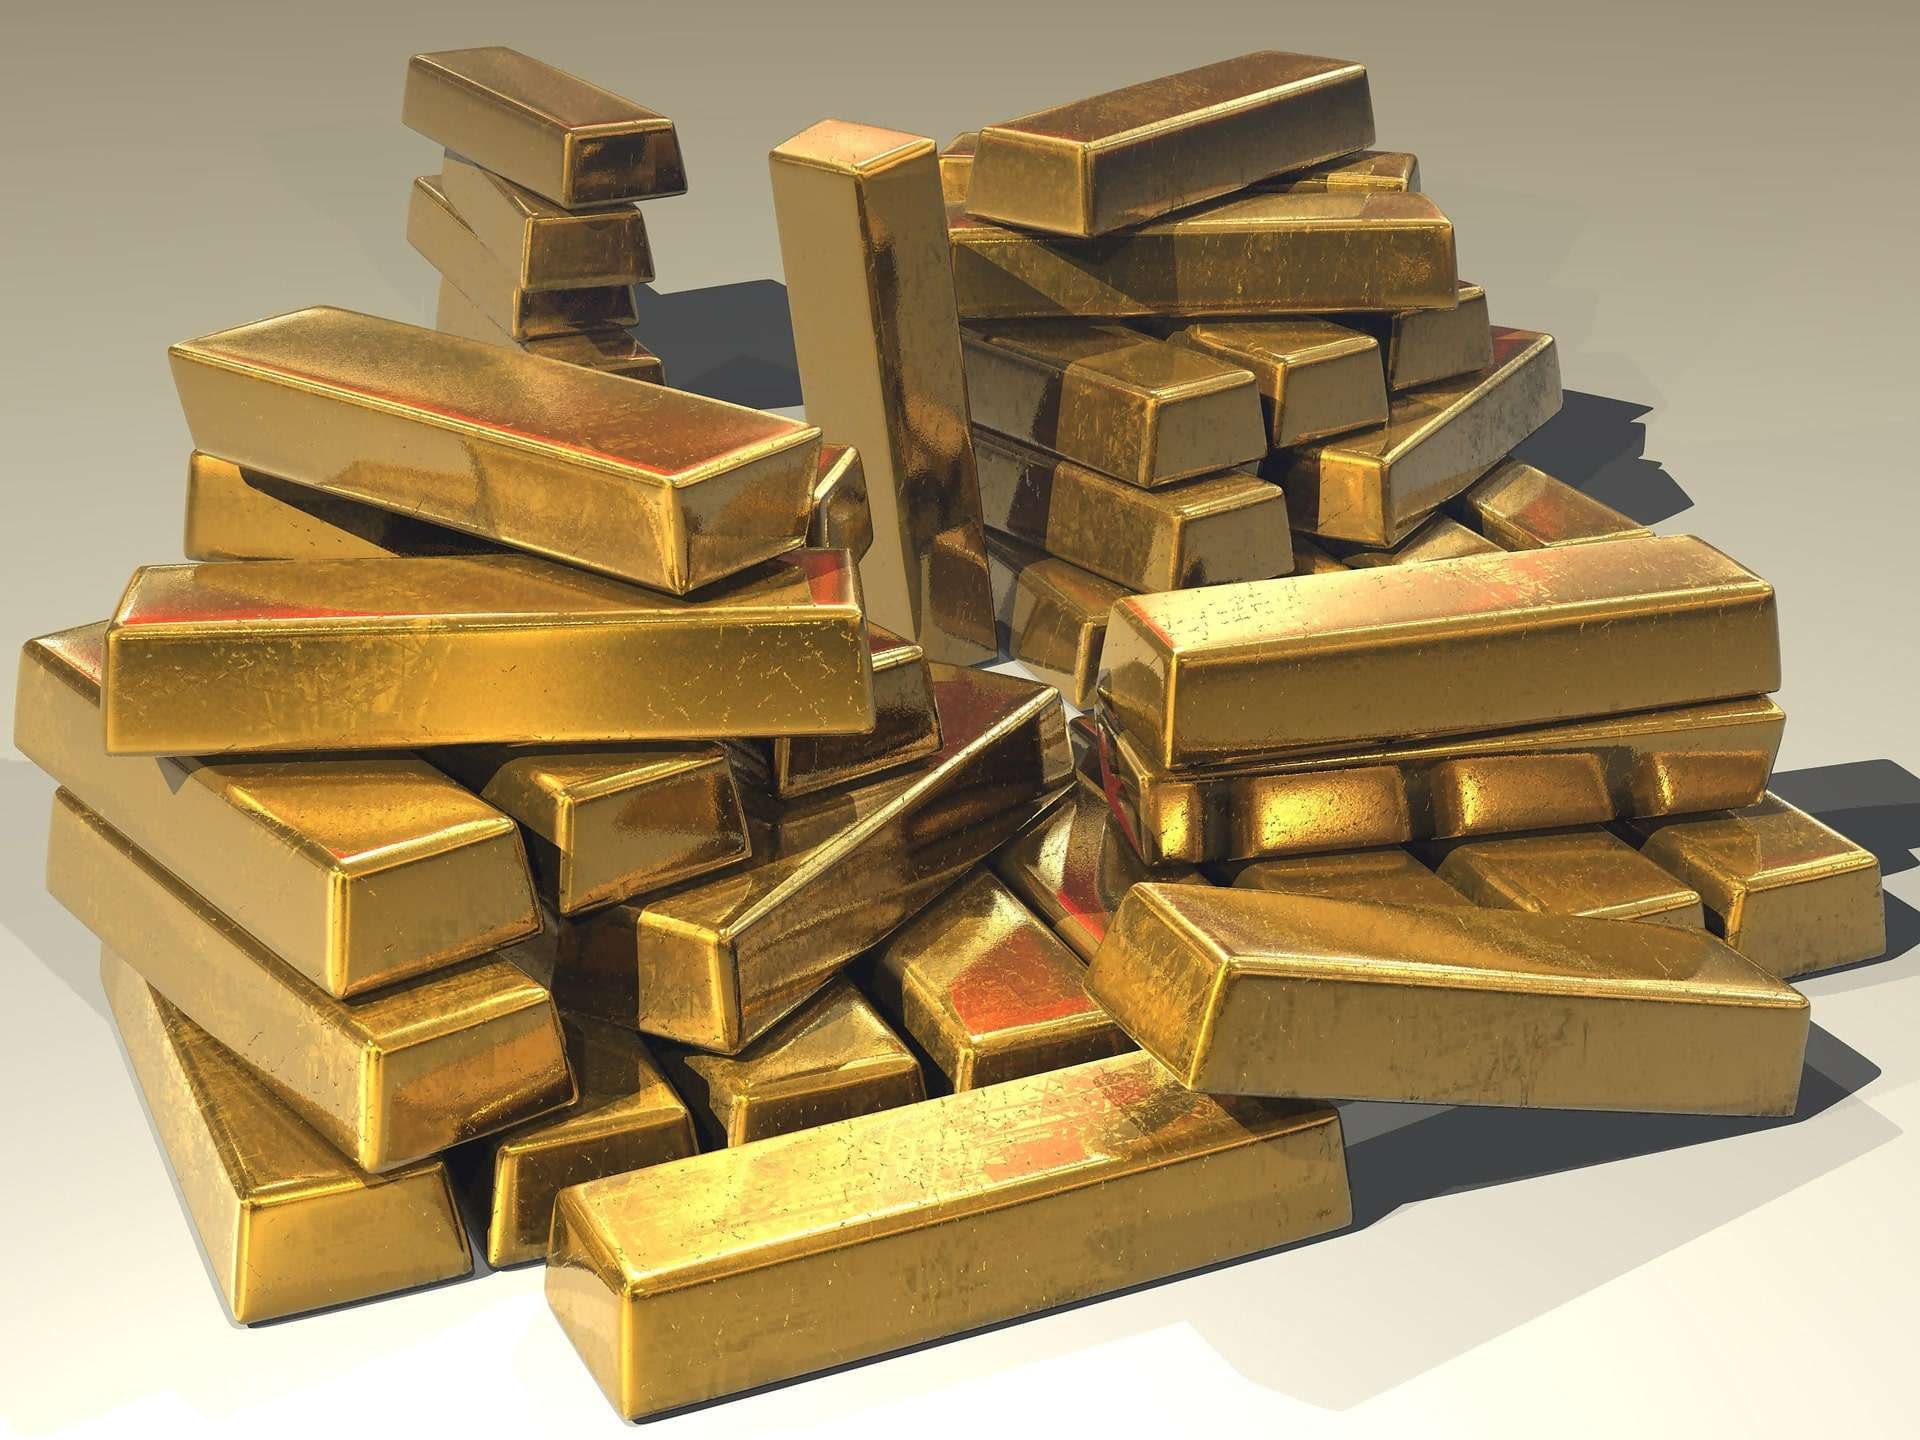 Köpa guld – Hur gör man & var kan man köpa guld 2020